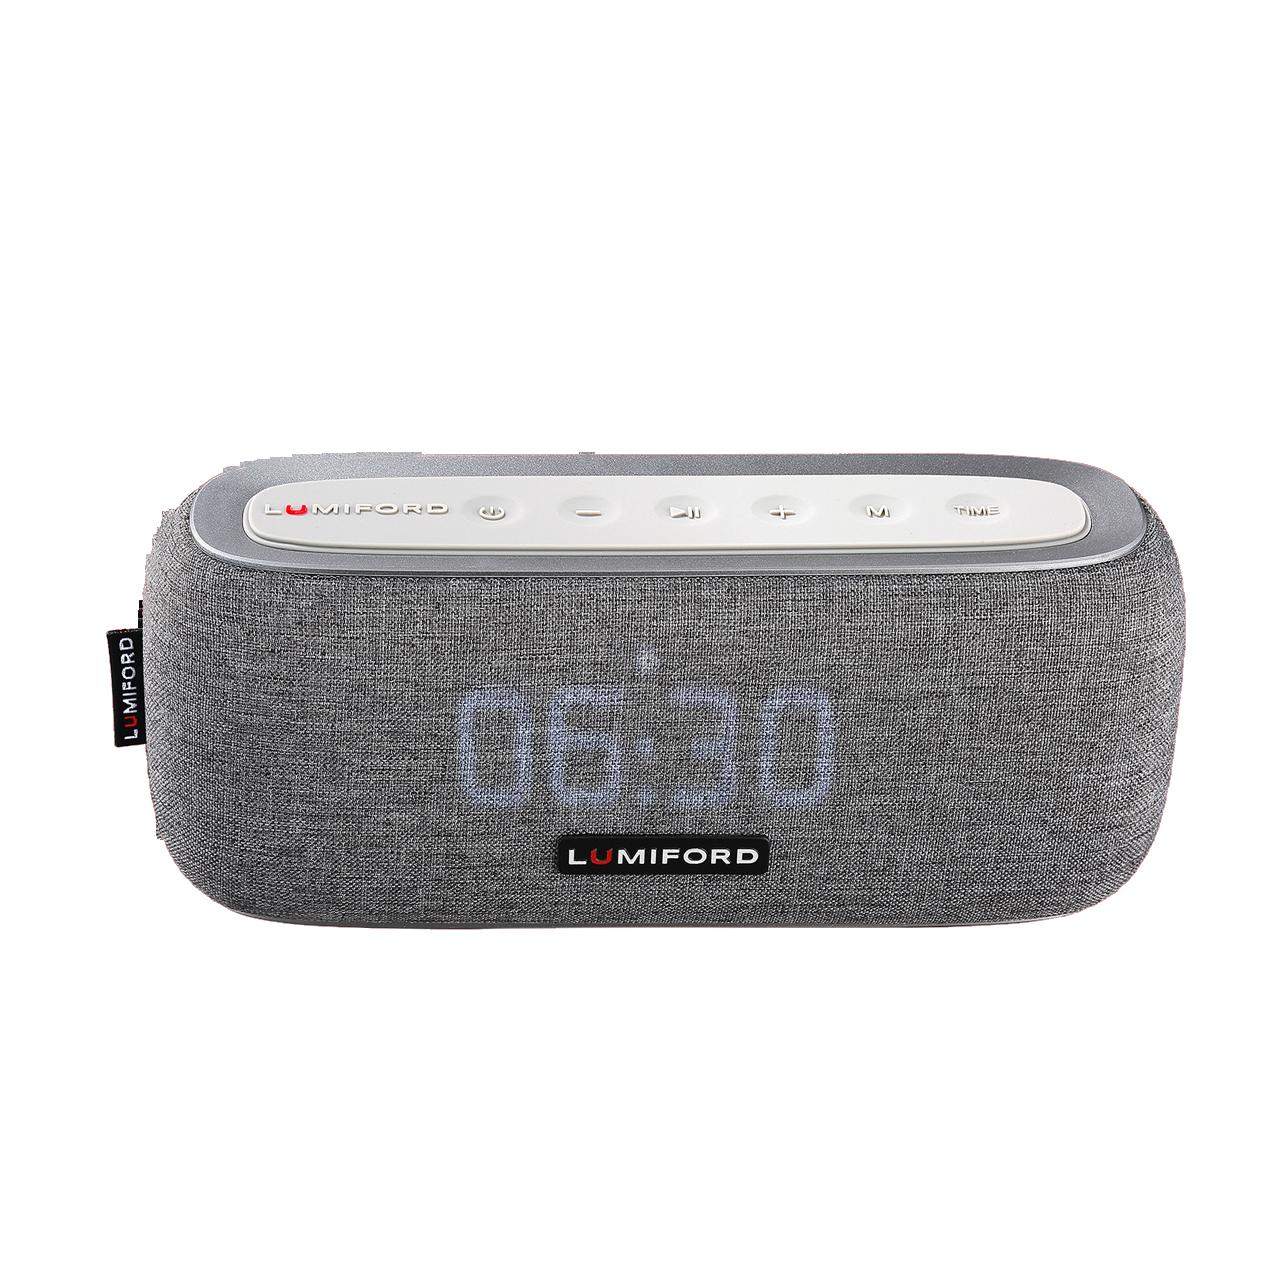 LUMIFORD 3-in-1 Digi Clock Portable Speaker